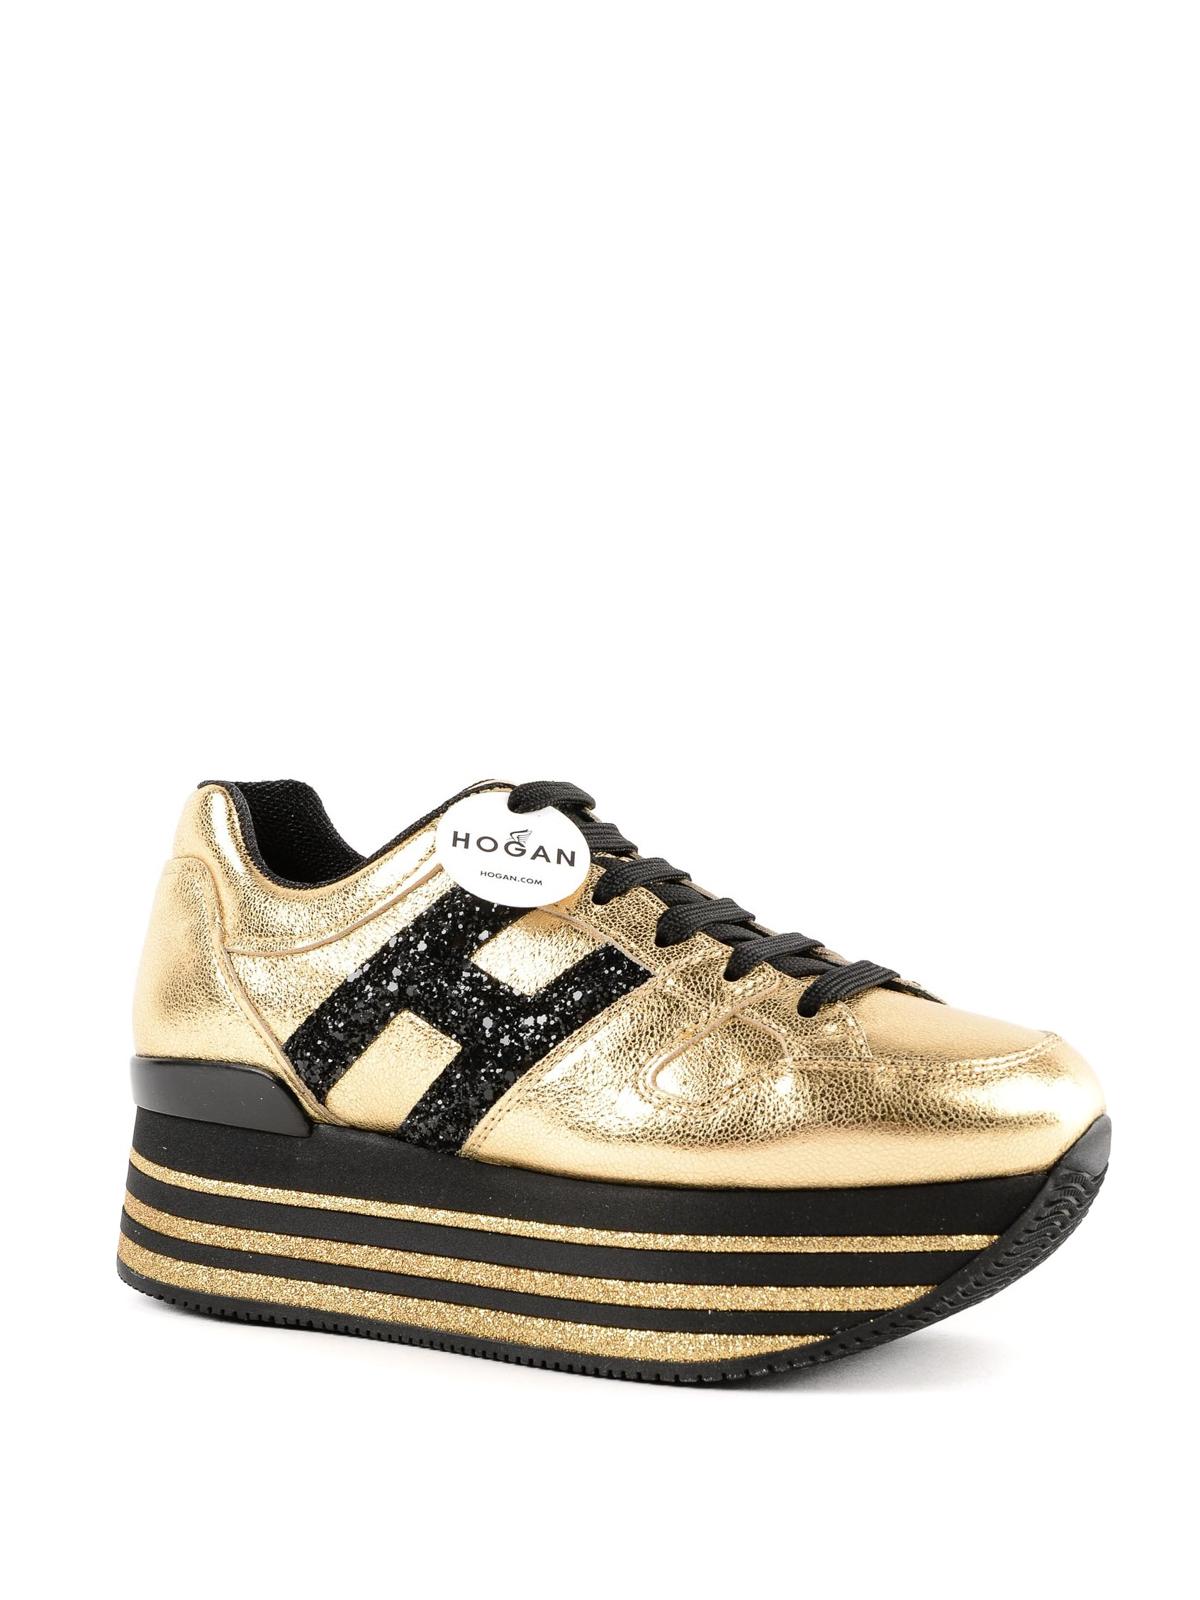 Sneakers Hogan - Sneaker Maxi H222 in pelle oro - HXW3680T548JHD417D